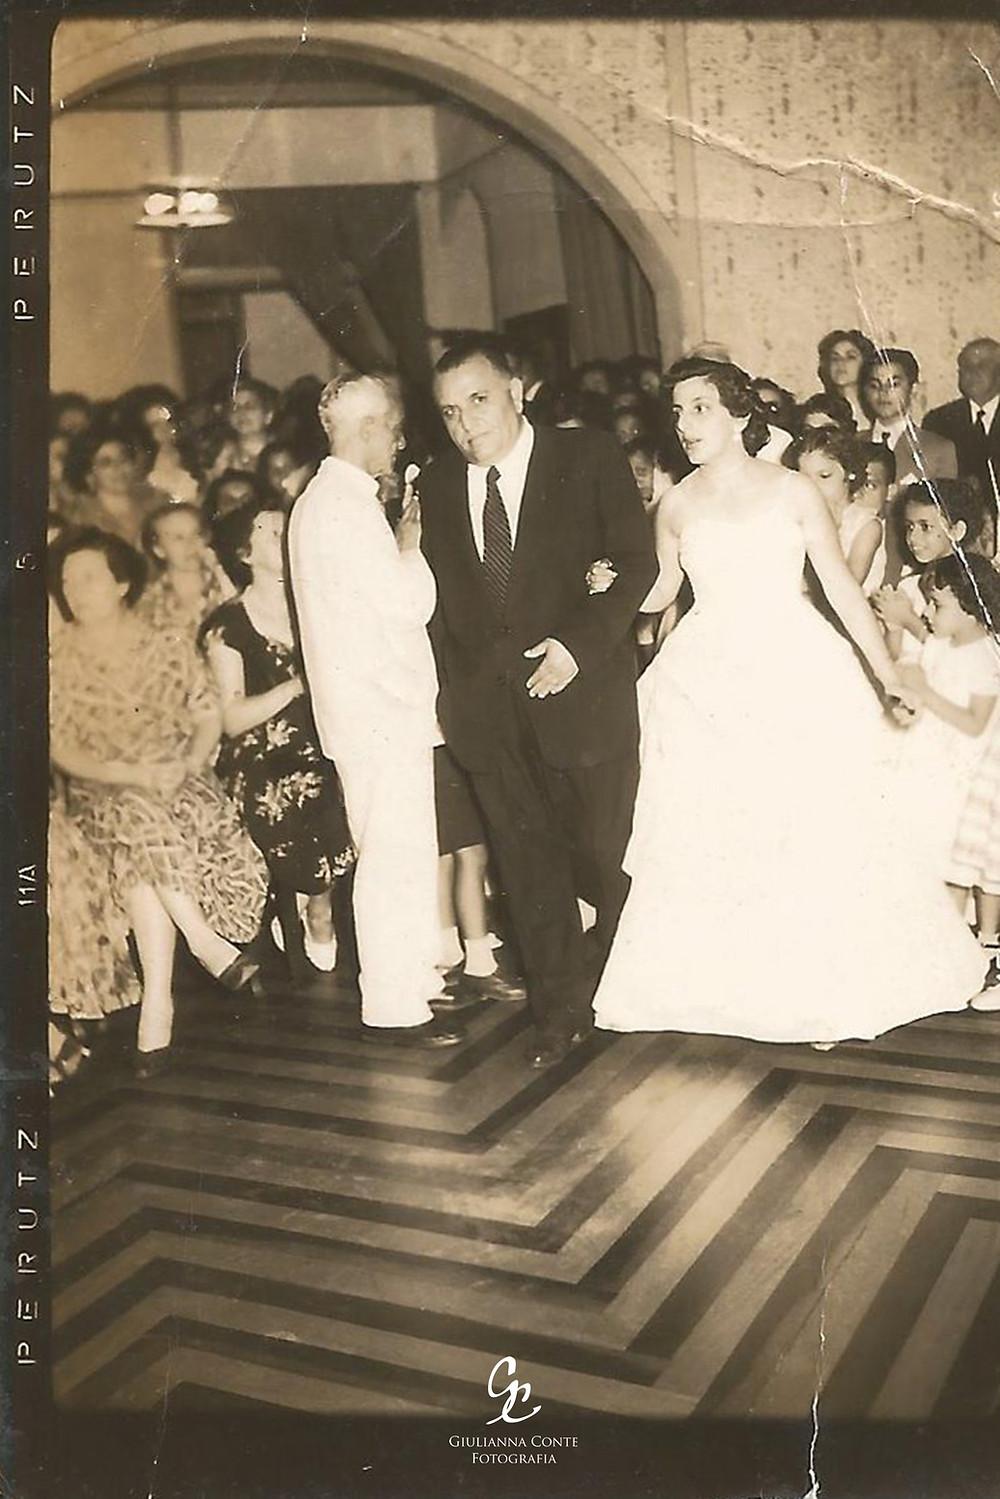 Baile de debutante da minha avó. Ela entrando com meu bisavô.